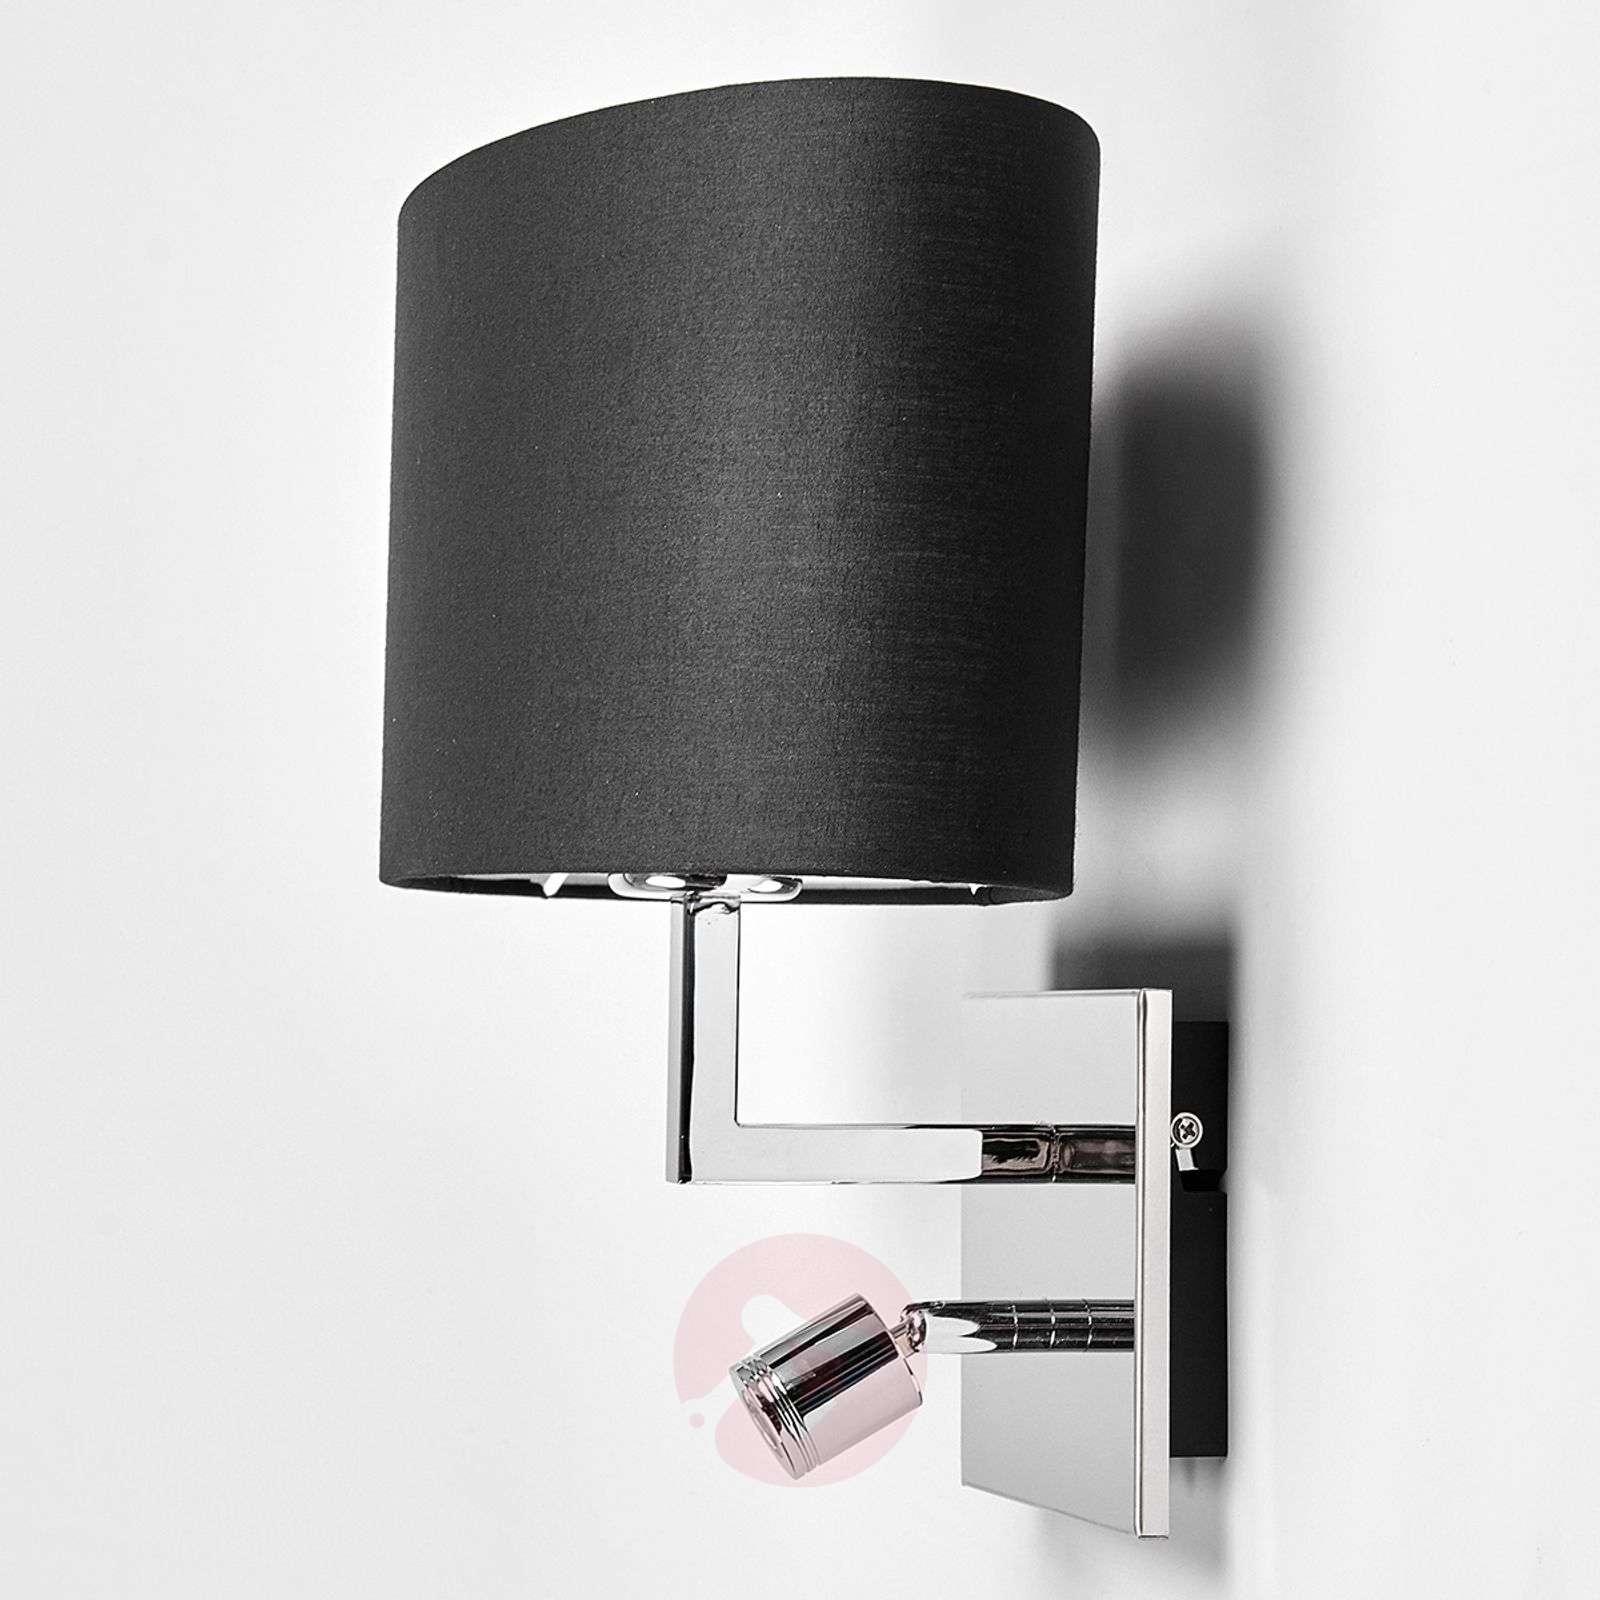 Musta seinävalaisin Karla LED-lukulampulla-9976008-01